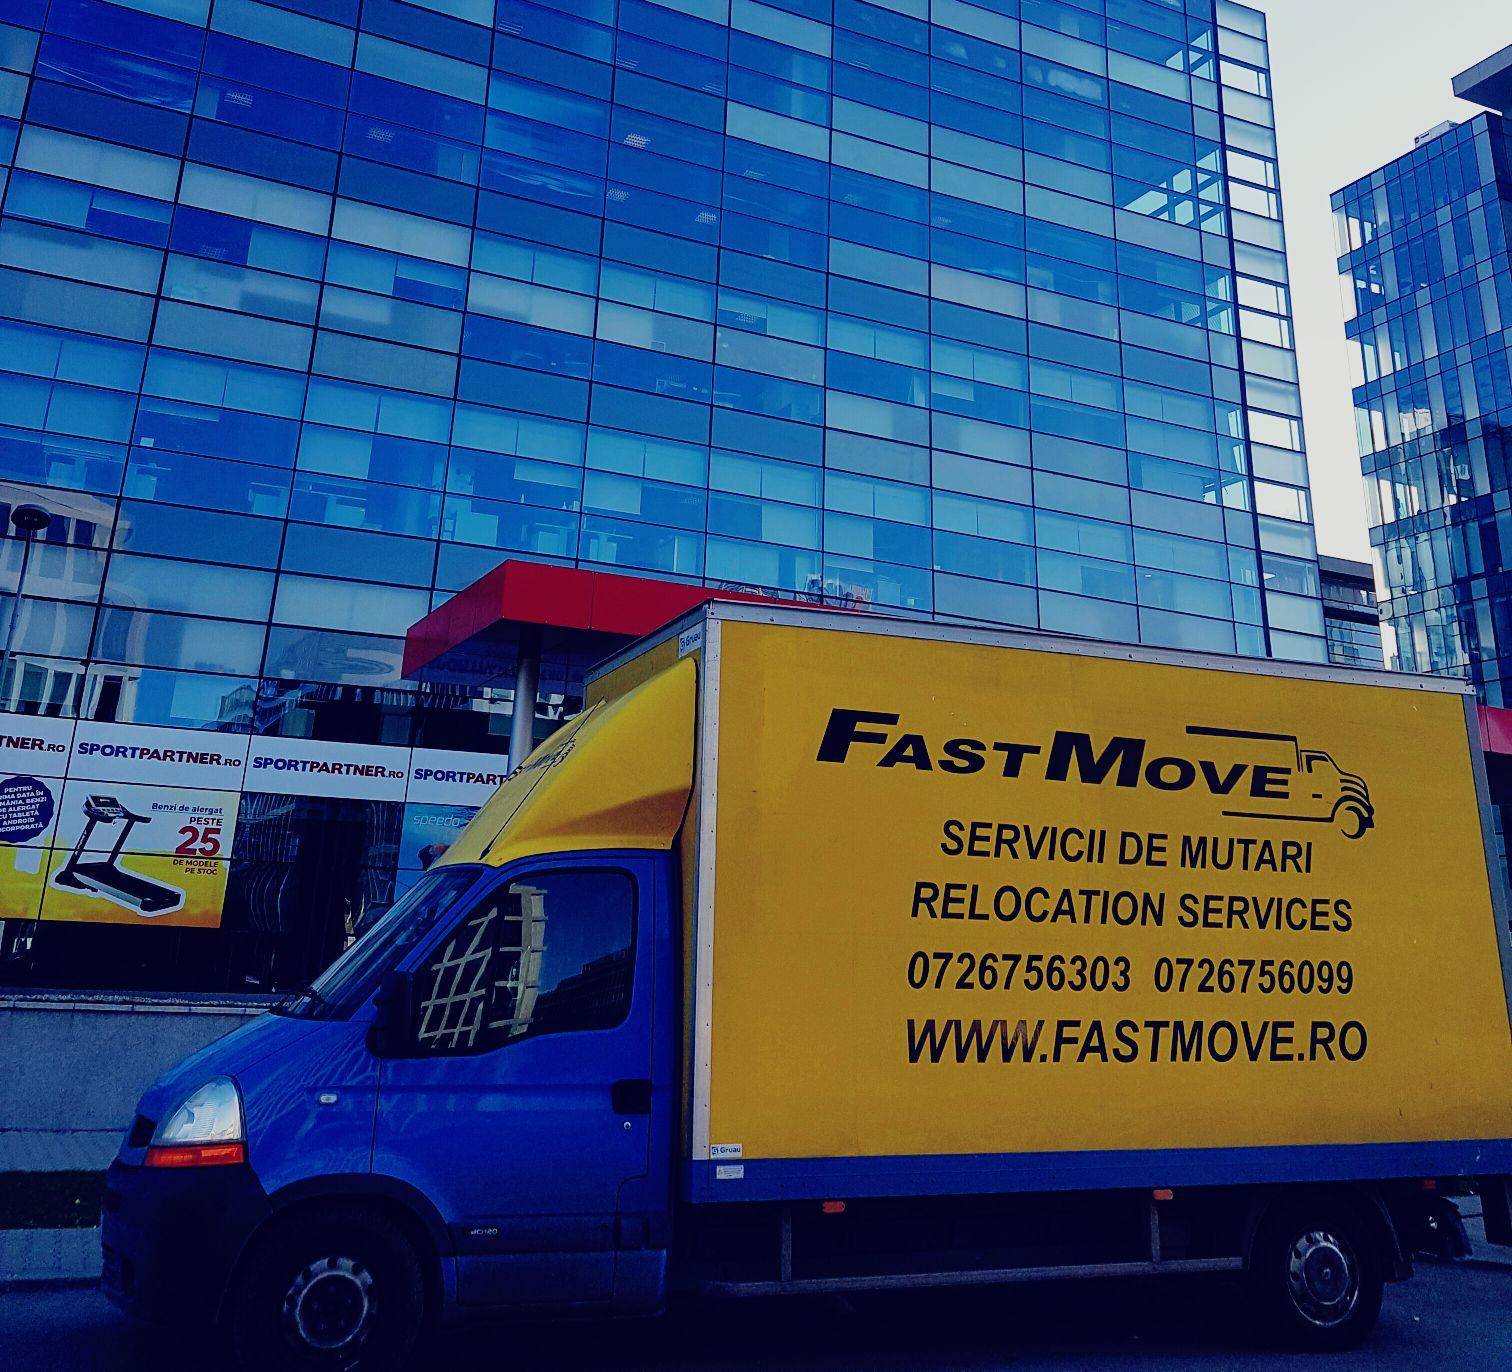 Fastmove ofera servicii complexe pentru mutari mobila bucuresti.